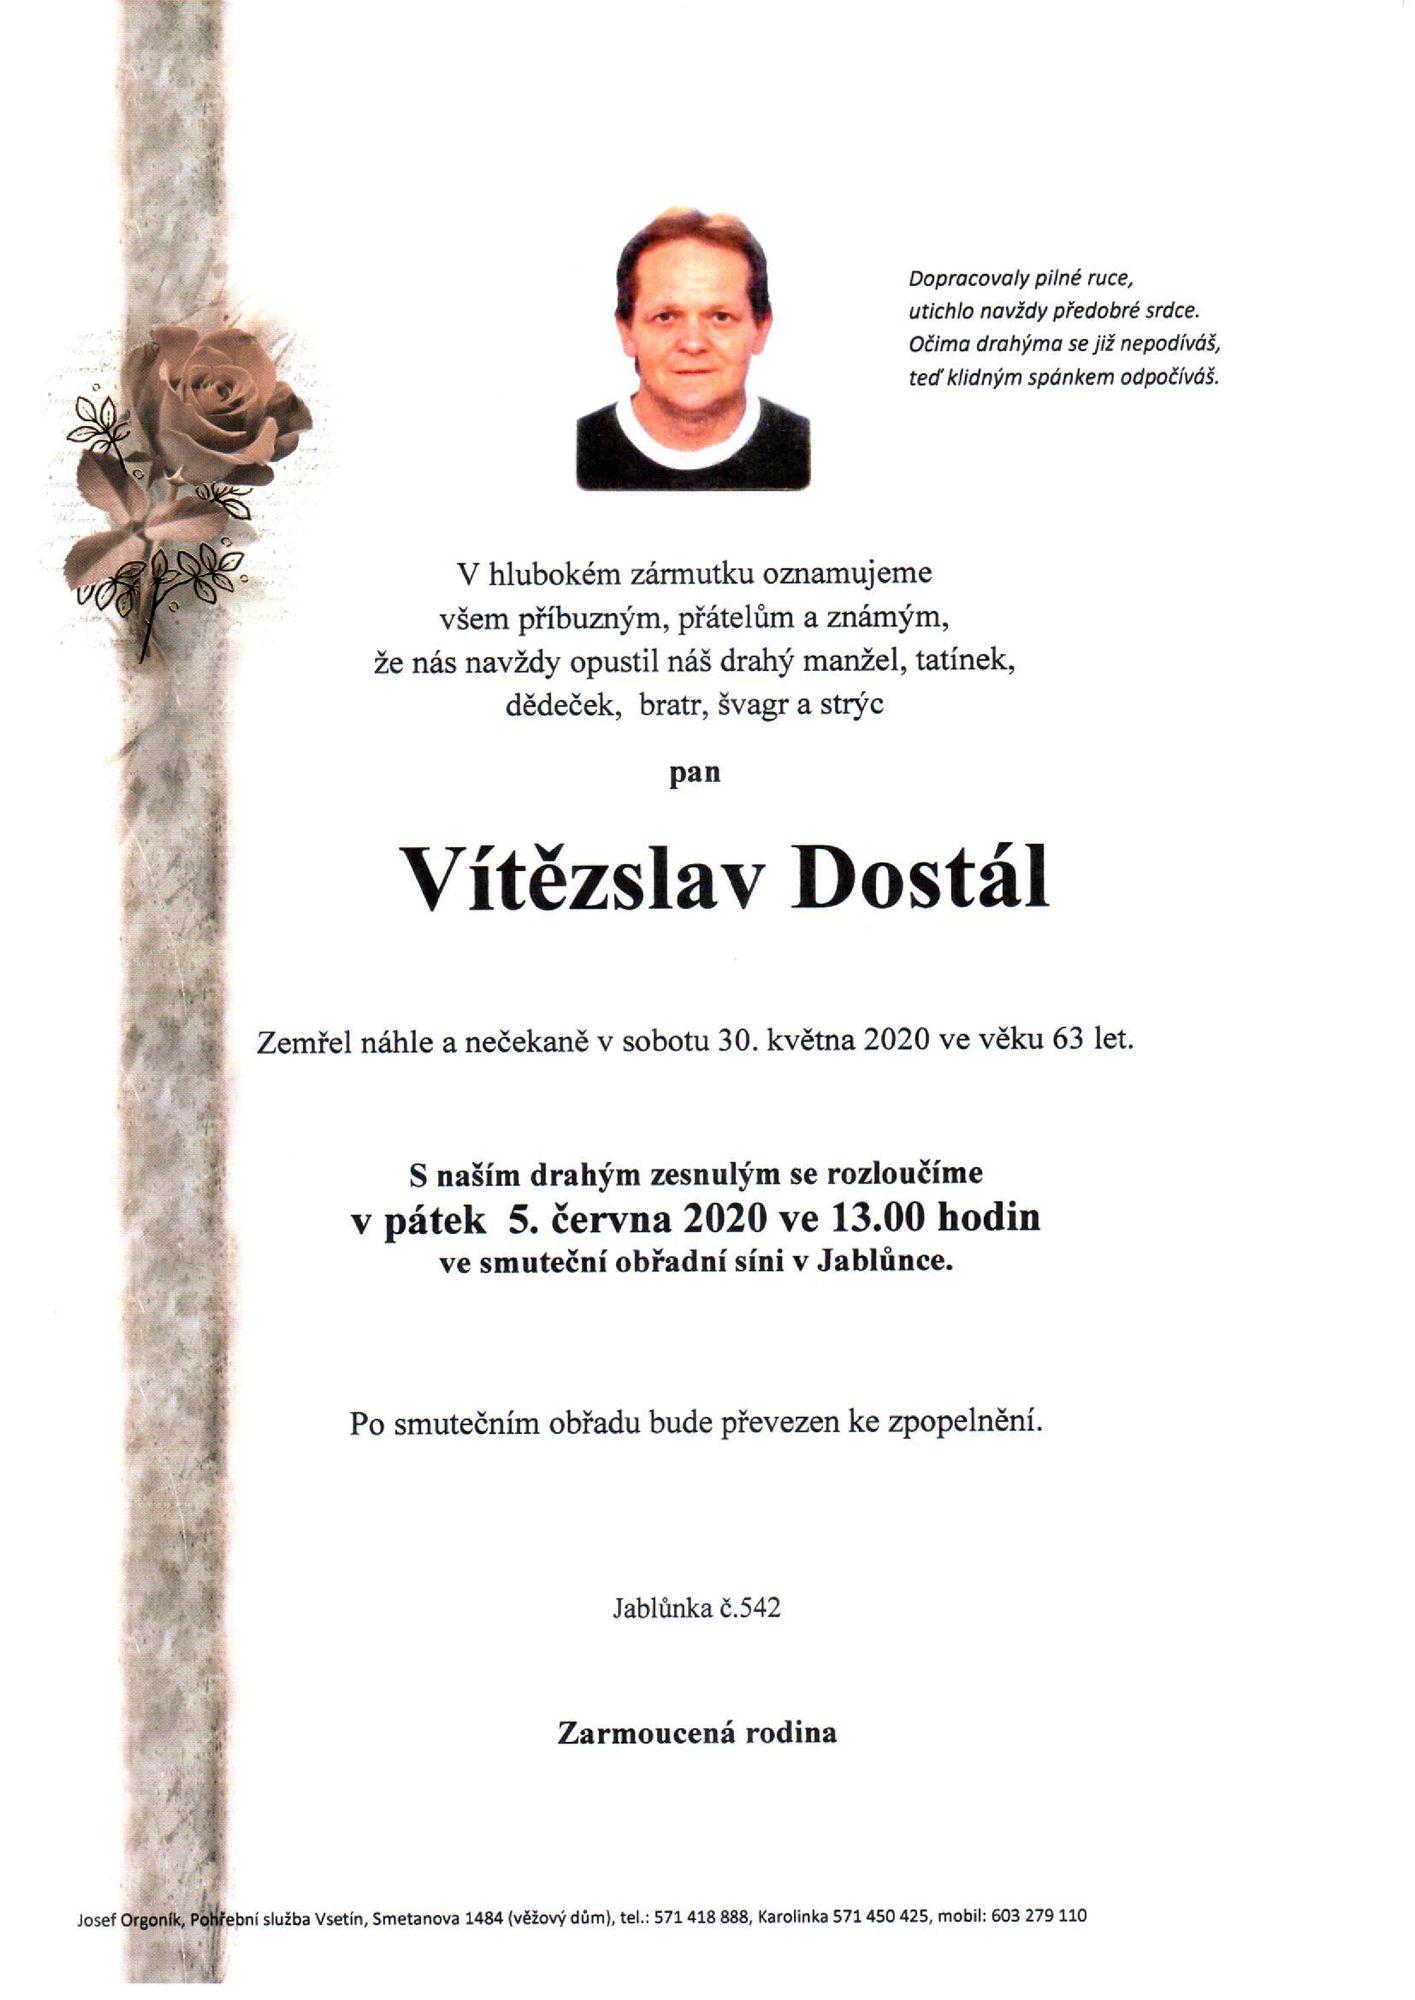 Vítězslav Dostál